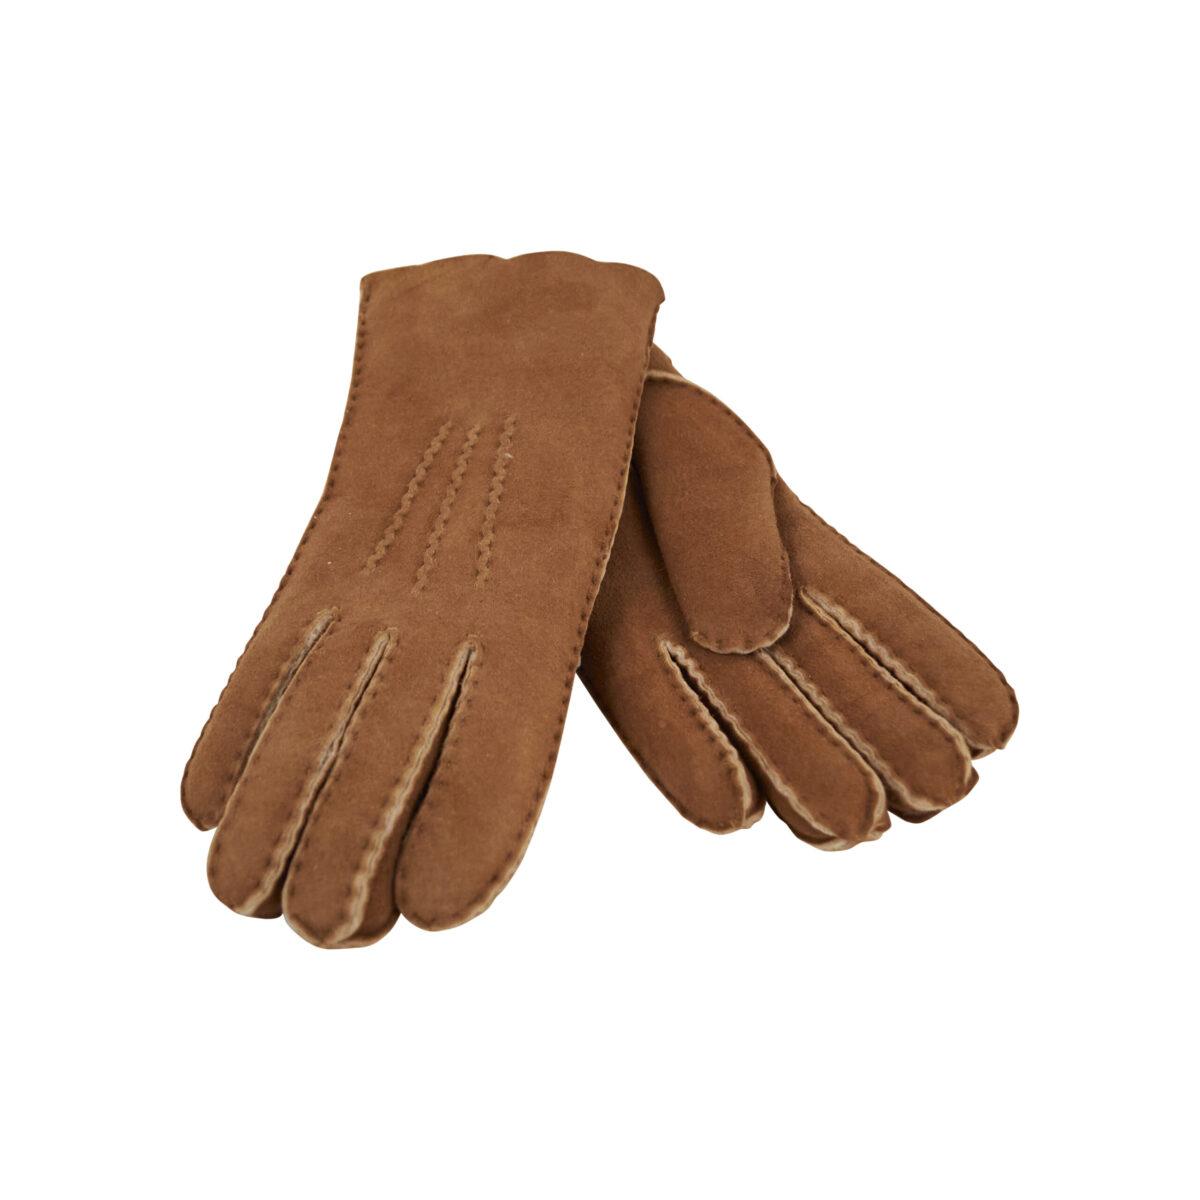 Rulamshandsker - fingerhandsker